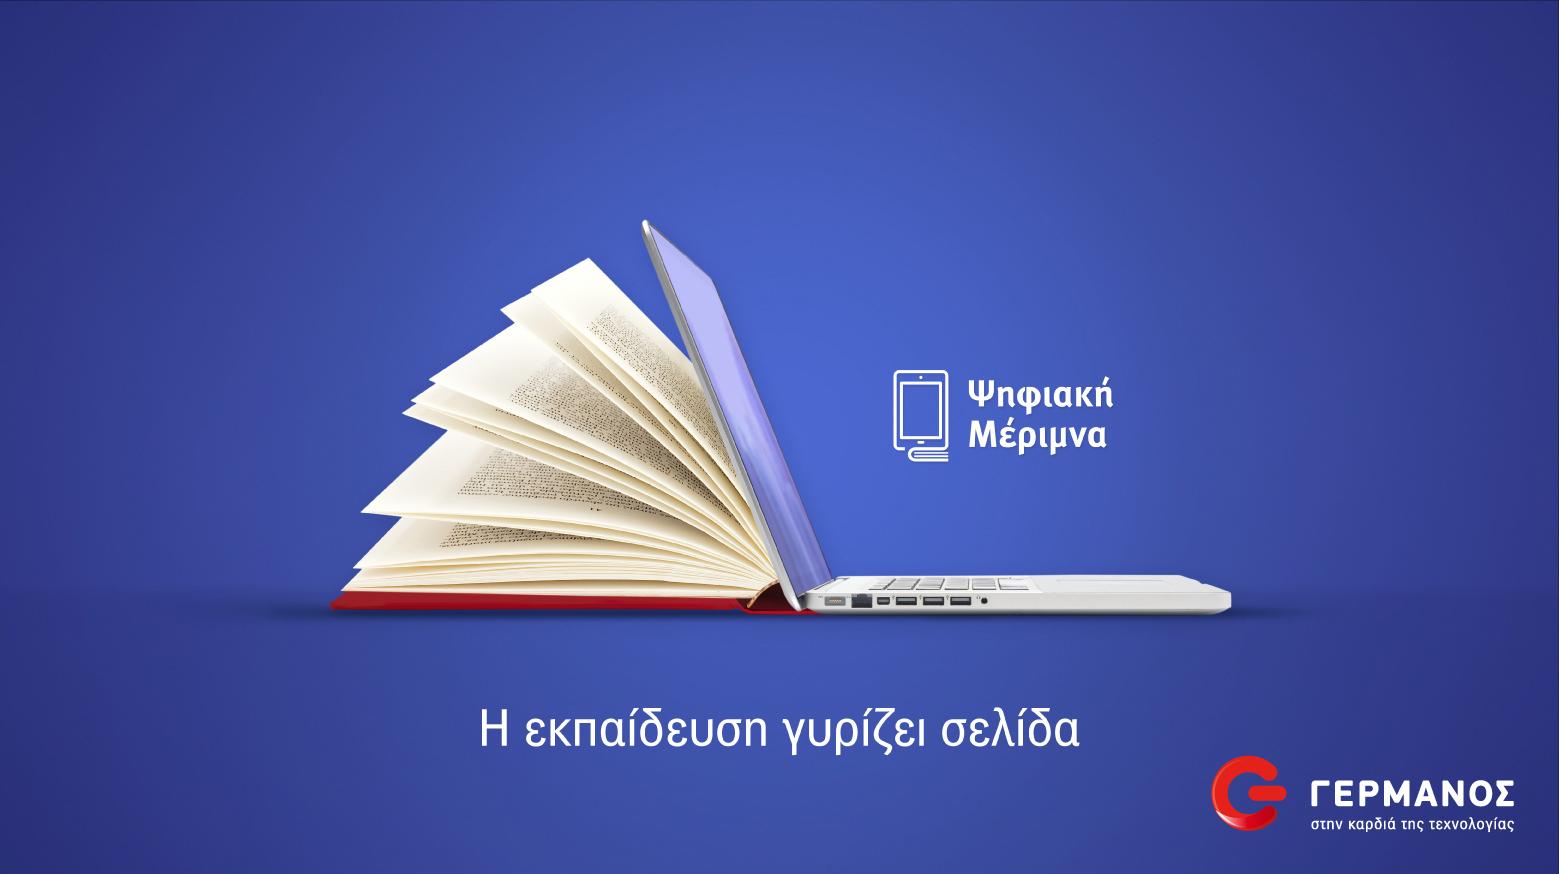 Ψηφιακή Μέριμνα ΓΕΡΜΑΝΟΣ